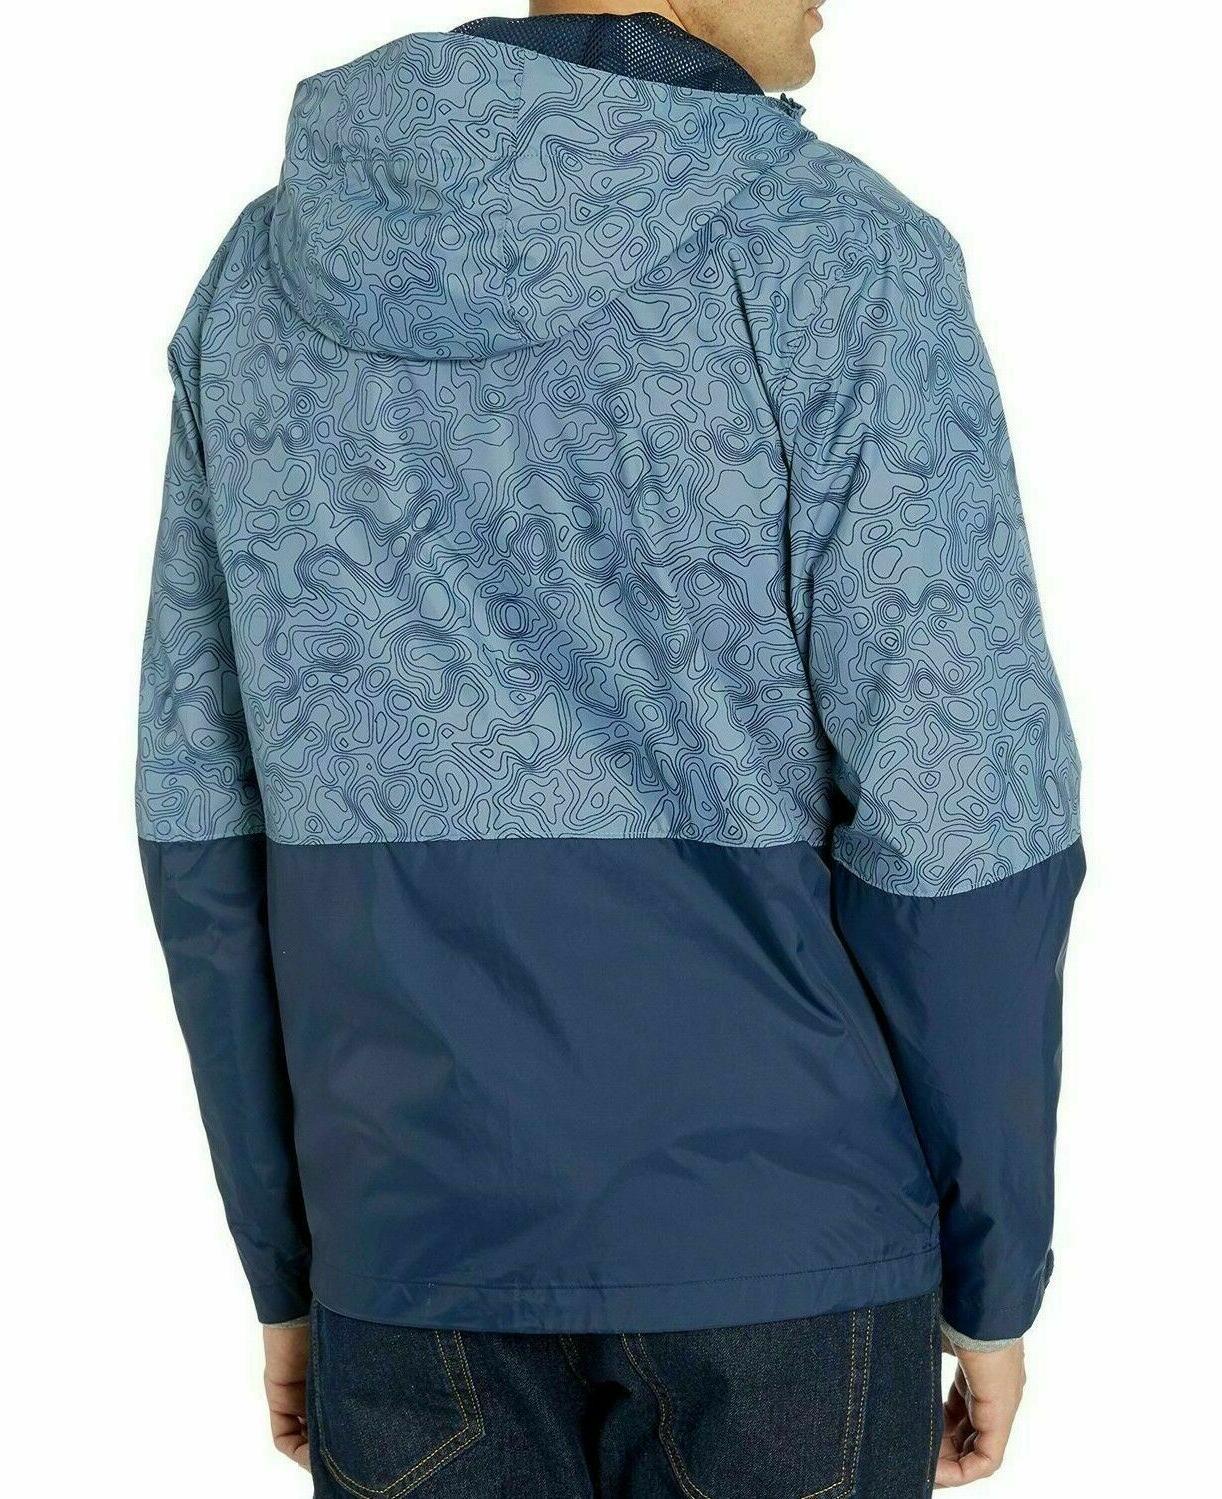 COLUMBIA Men's Rain Jacket Mountain Topo Print/Navy